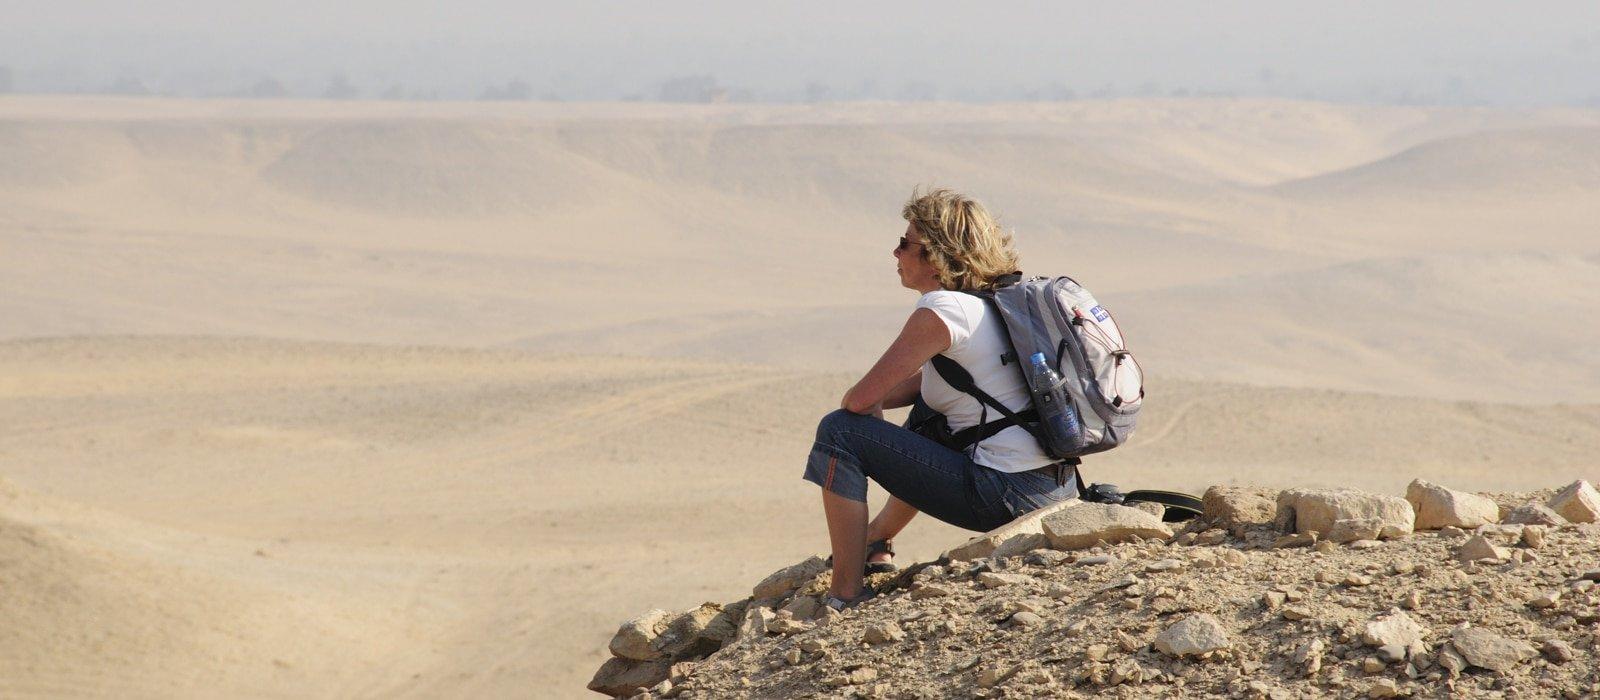 Voyage organisé en petit groupe - promenade à Dashour - Egypte - Agence de voyage Les Routes du Monde